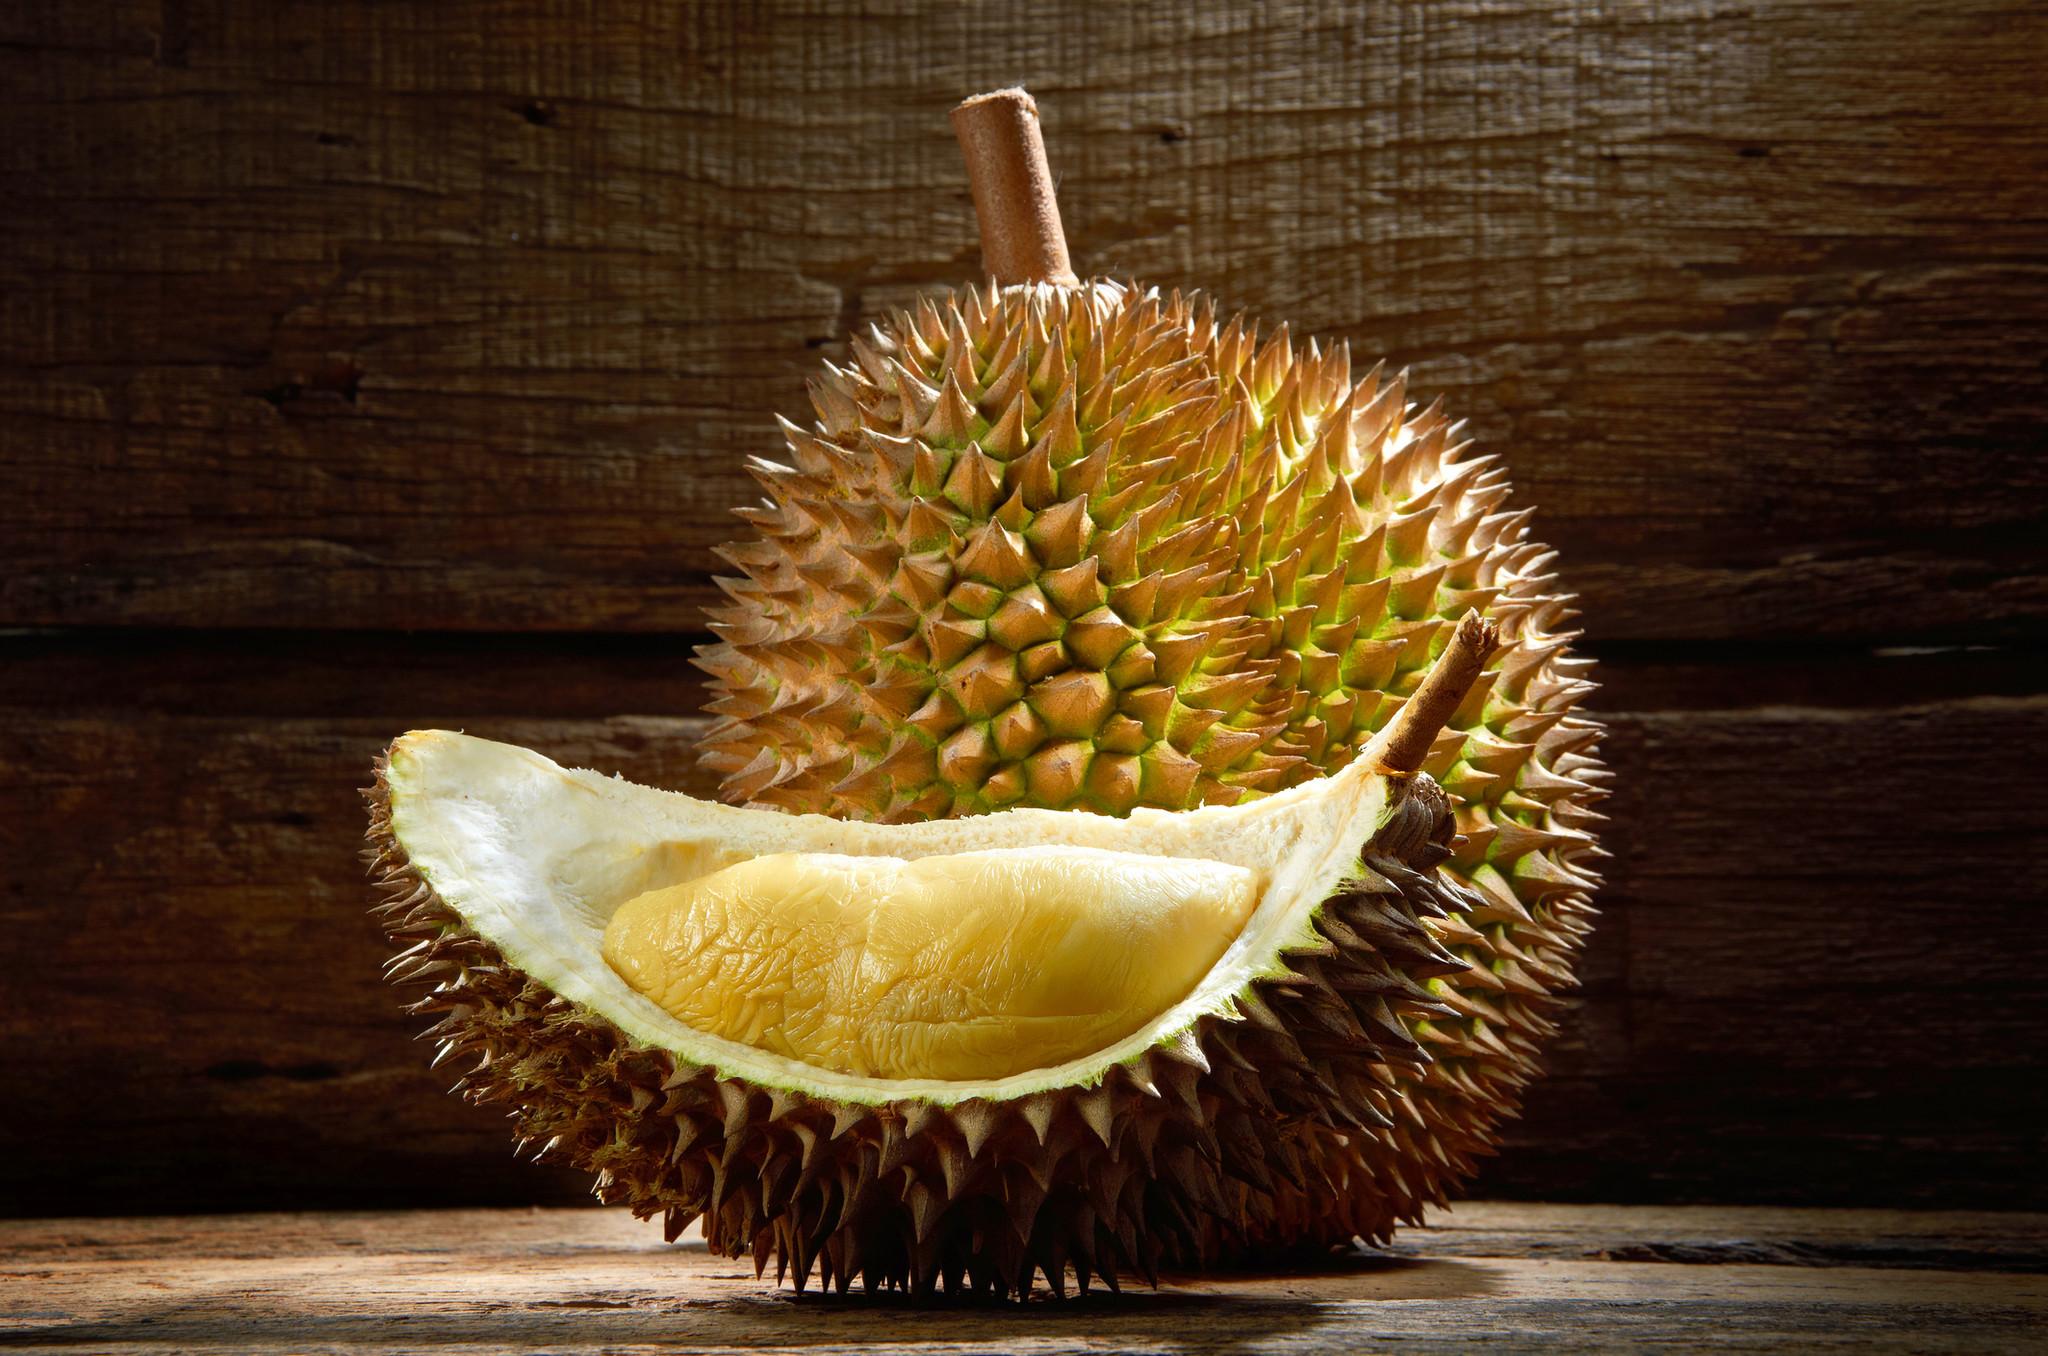 Enjoy the taste of Musang King at Kungfu Durian